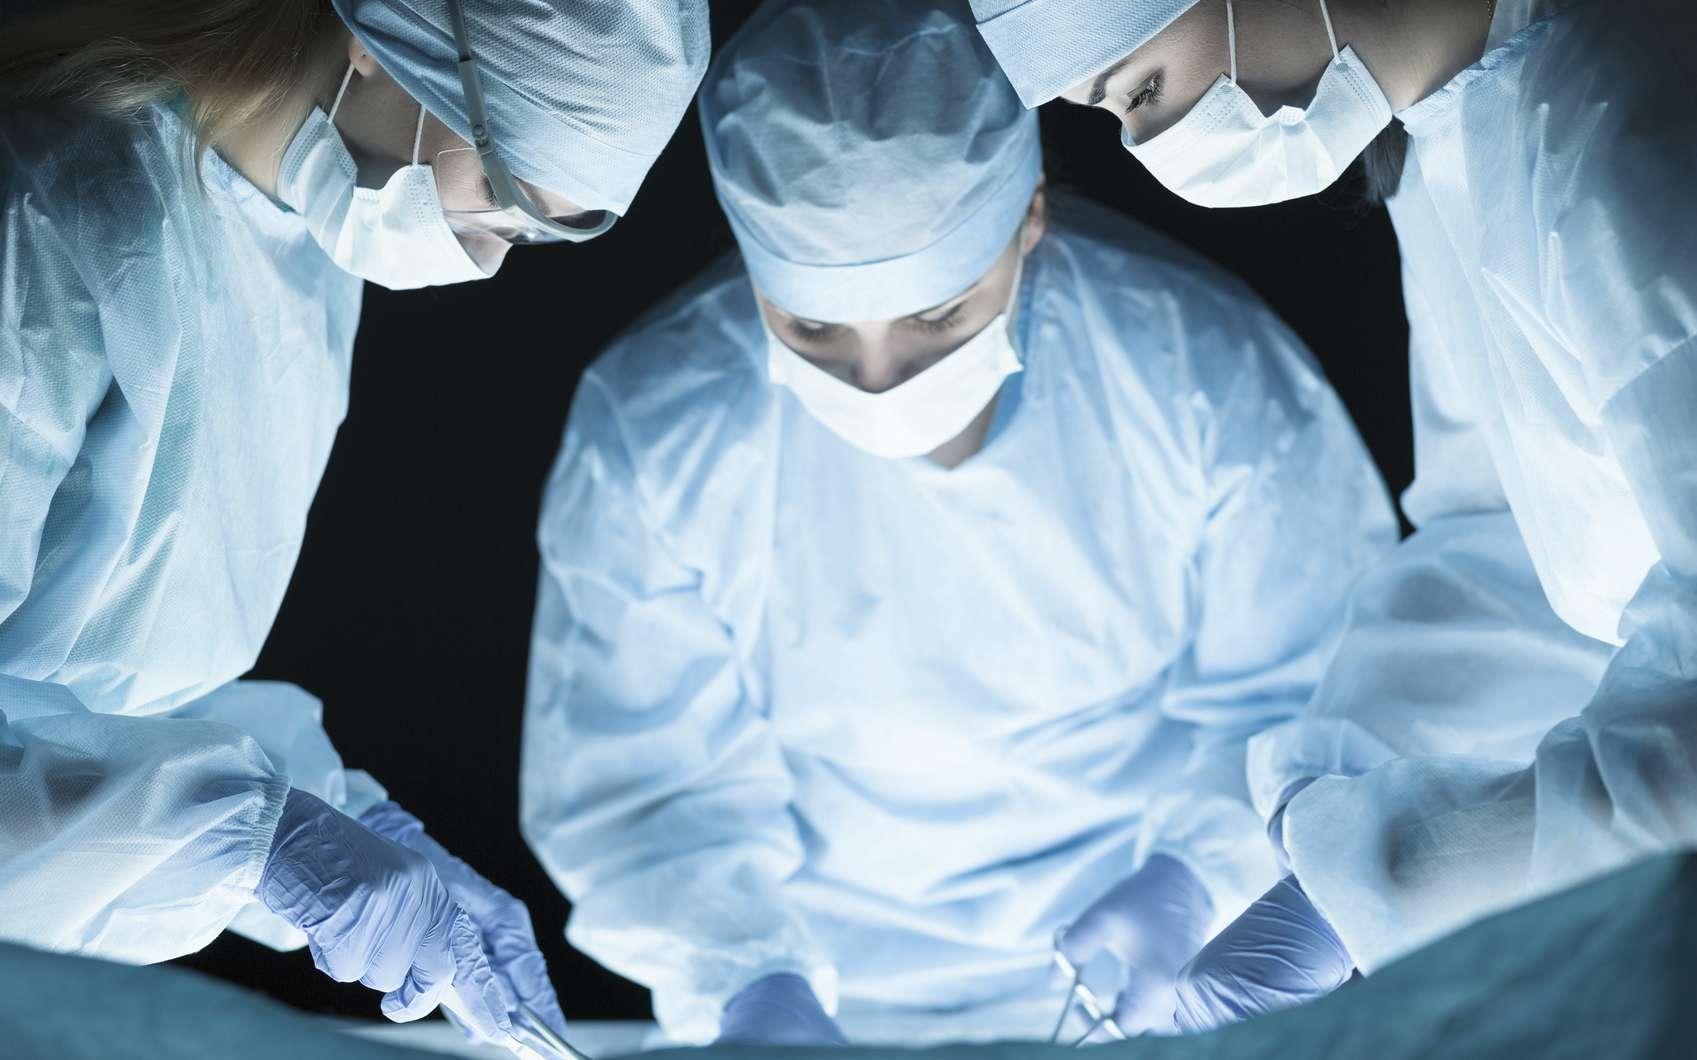 Depuis 2010, seuls 300 patients dans le monde ont pu bénéficier d'une transplantation rénale robot-assistée. © Dutko, Istock.com